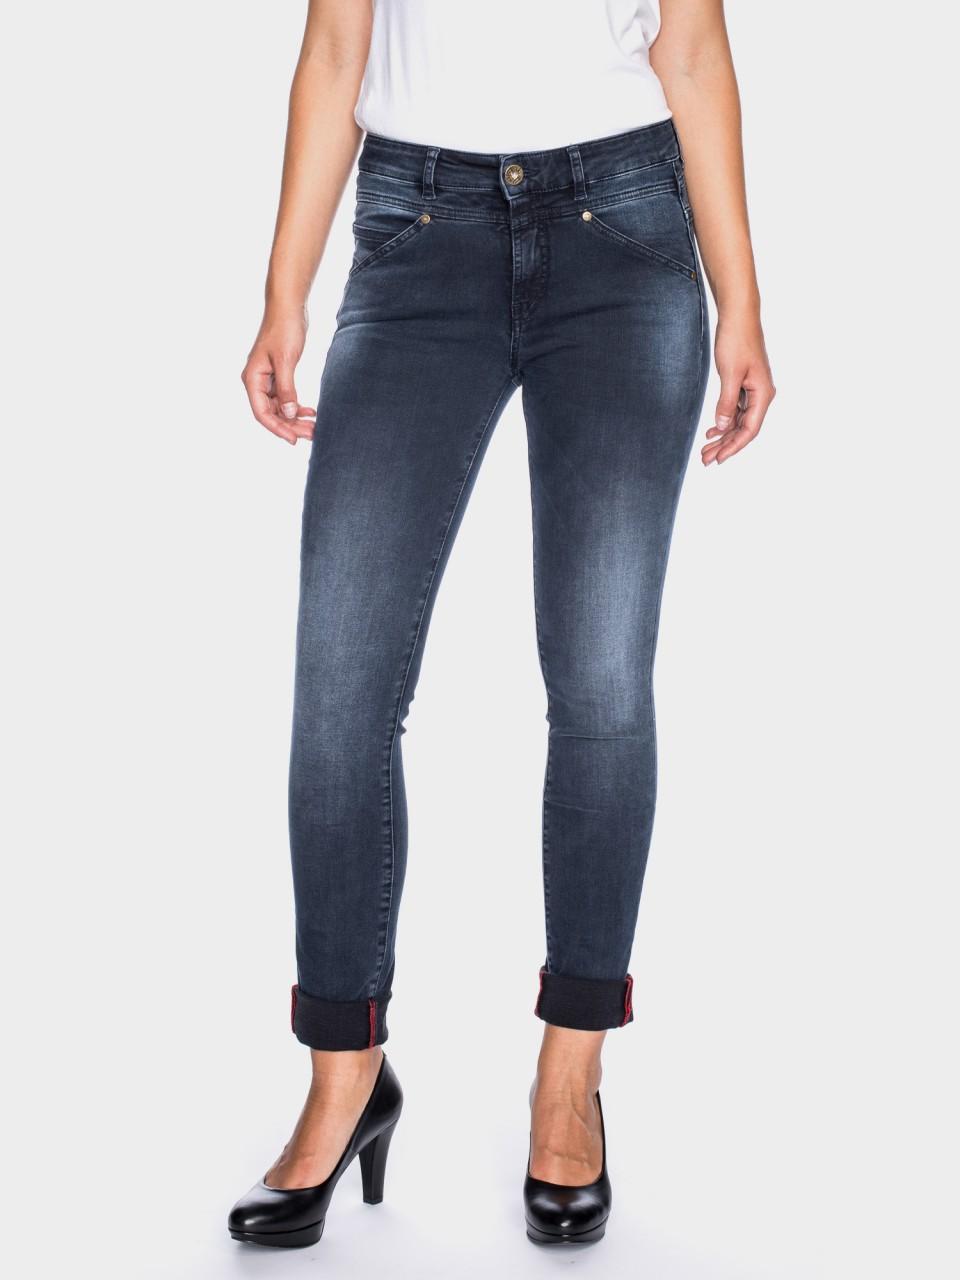 Jeans Kandy 47028 696 NBL USD